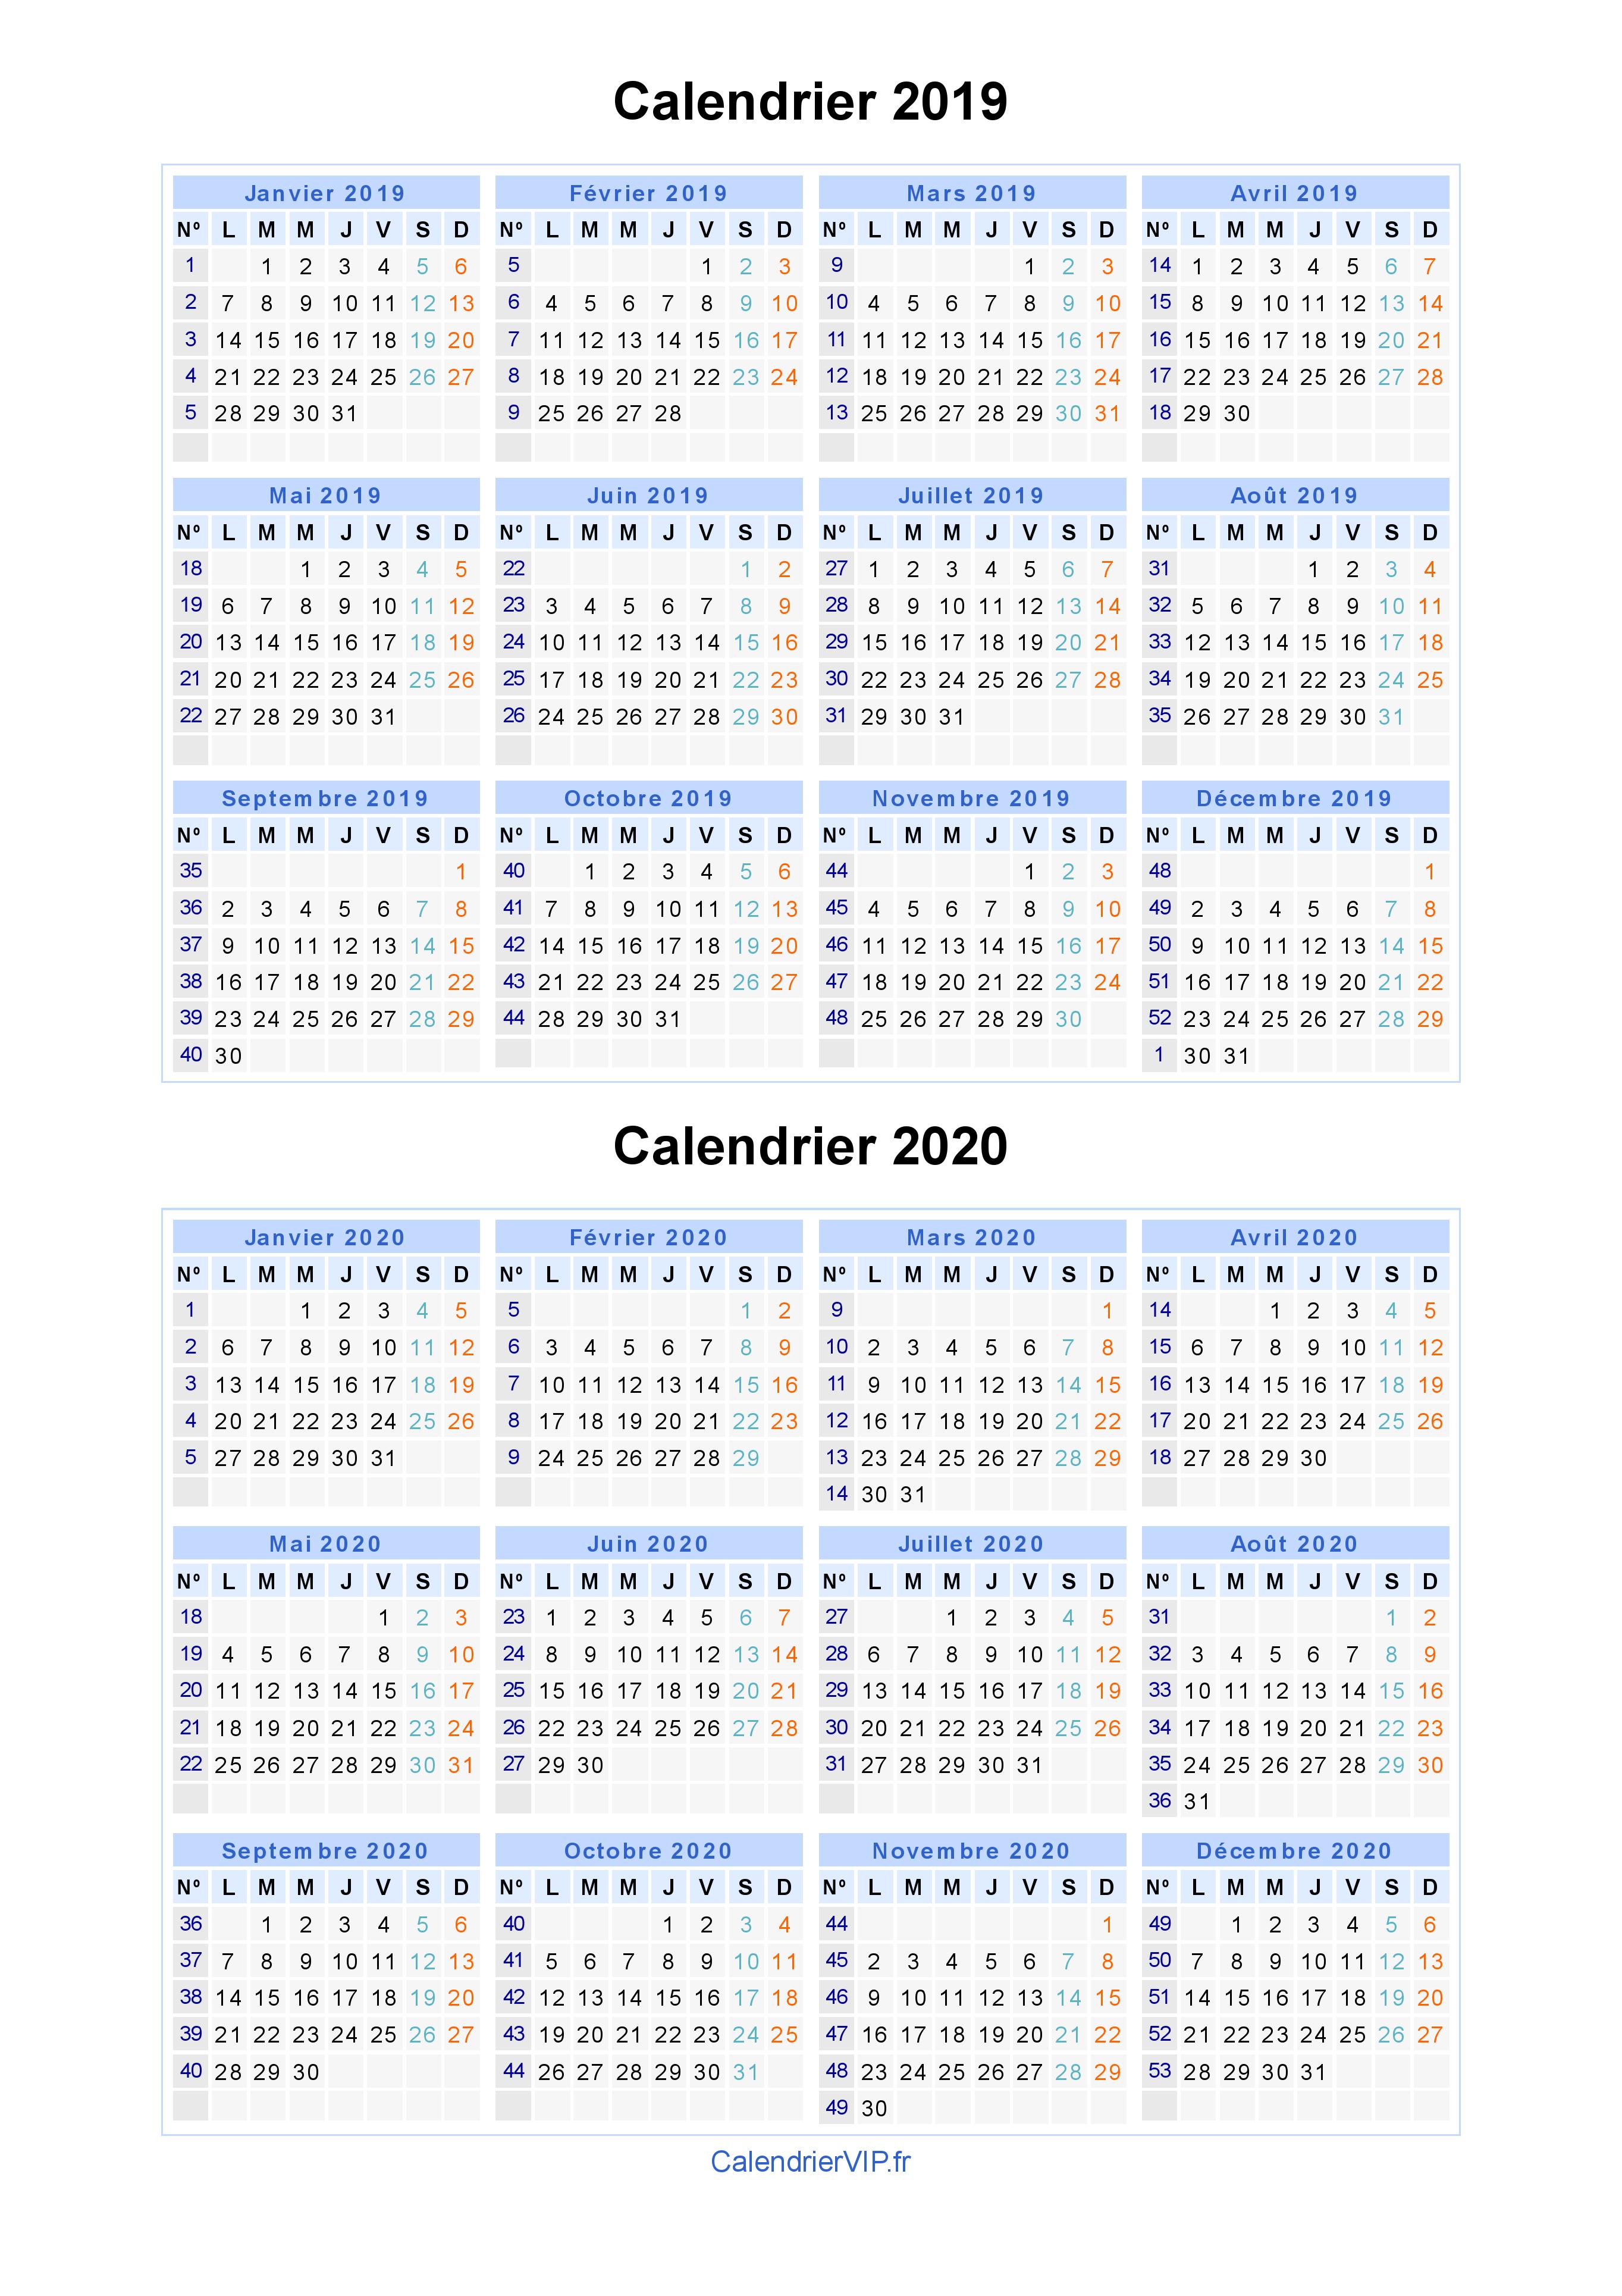 Calendrier Scolaire 20202019 A Imprimer.Calendrier 2019 2020 A Imprimer Gratuit En Pdf Et Excel